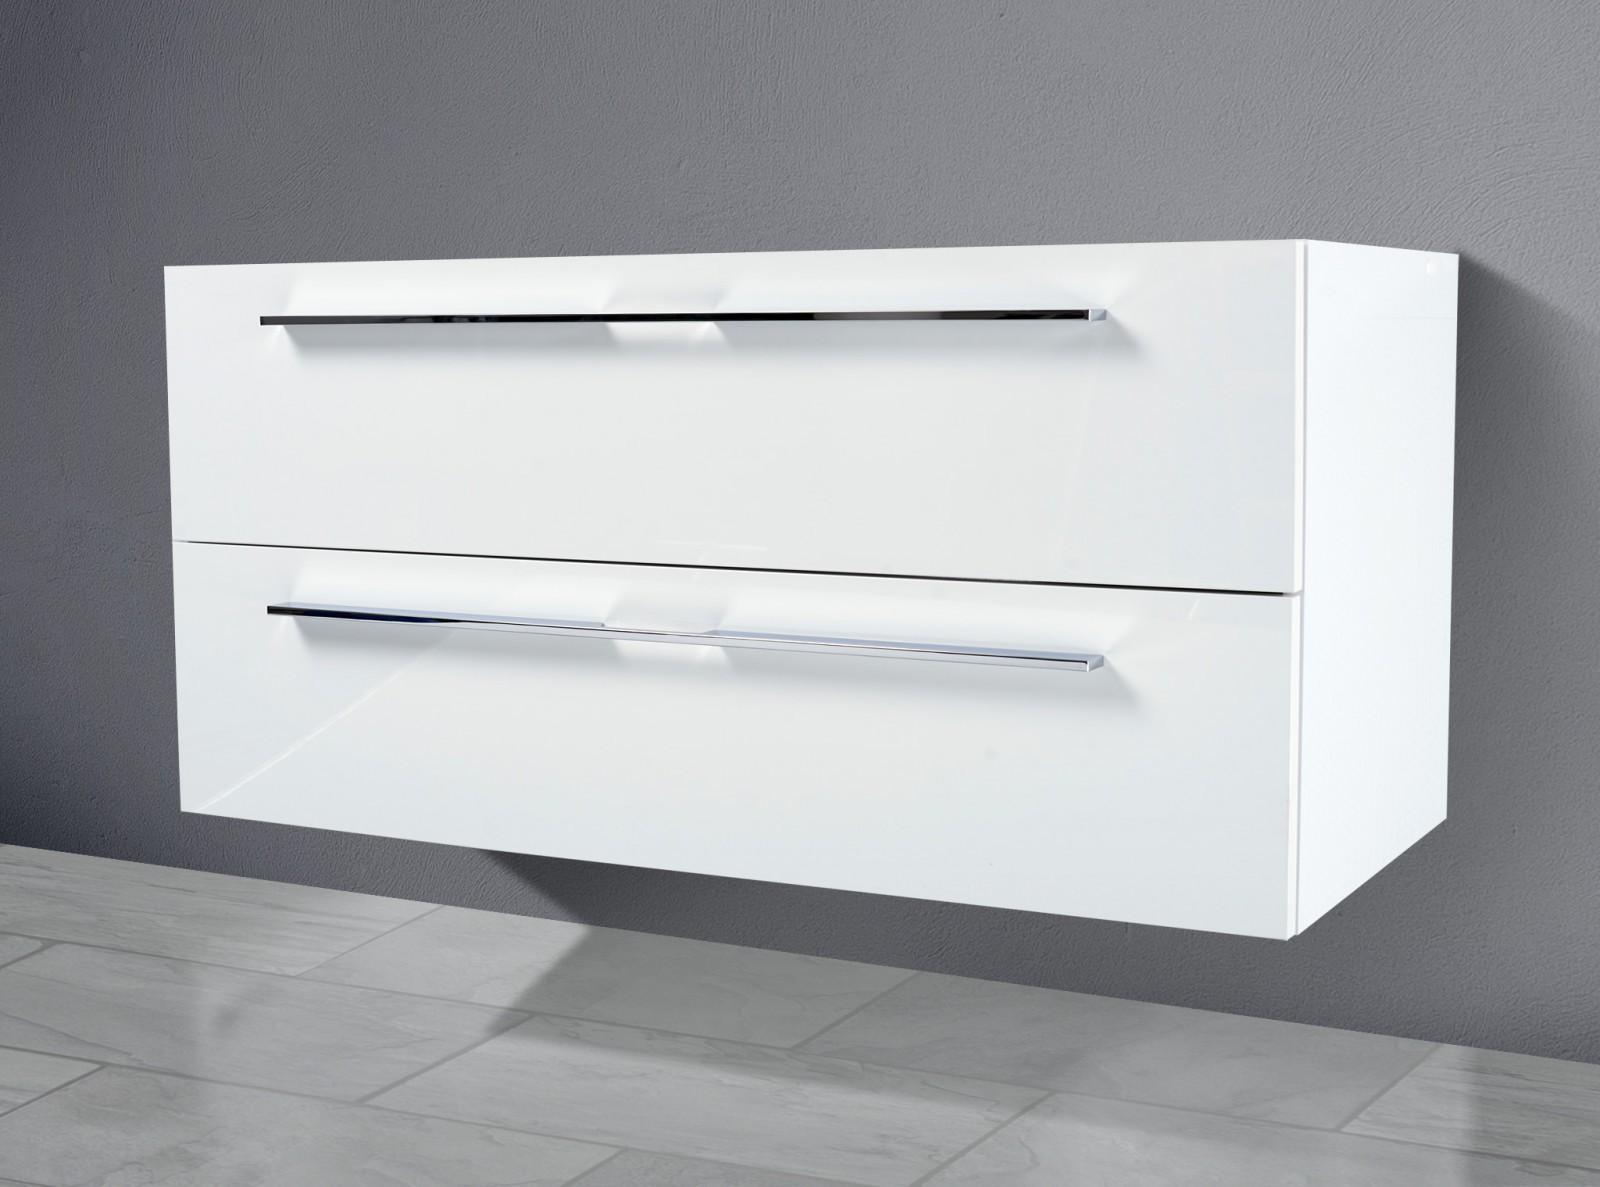 waschtisch unterschrank als zubeh r f r mystyle 65 cm waschtisch. Black Bedroom Furniture Sets. Home Design Ideas